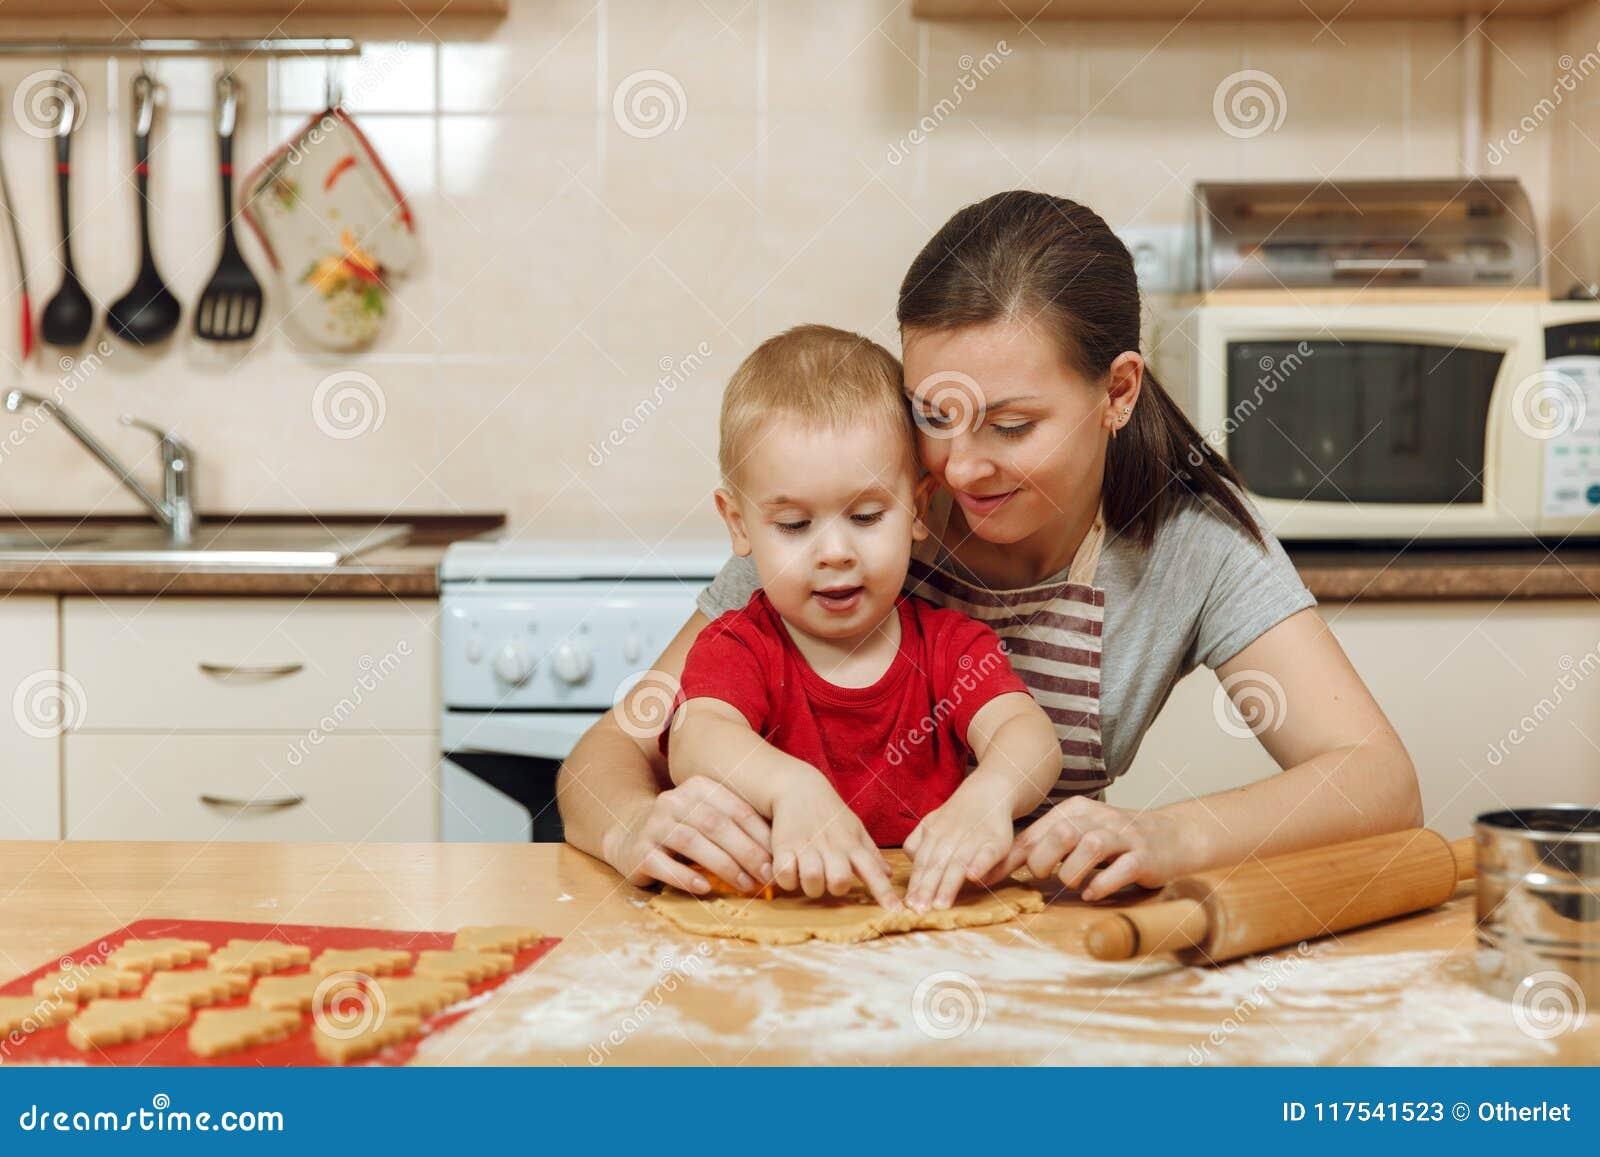 小孩男孩帮助母亲烹调姜饼干 愉快的家庭妈妈和孩子在周末早晨在家 关系